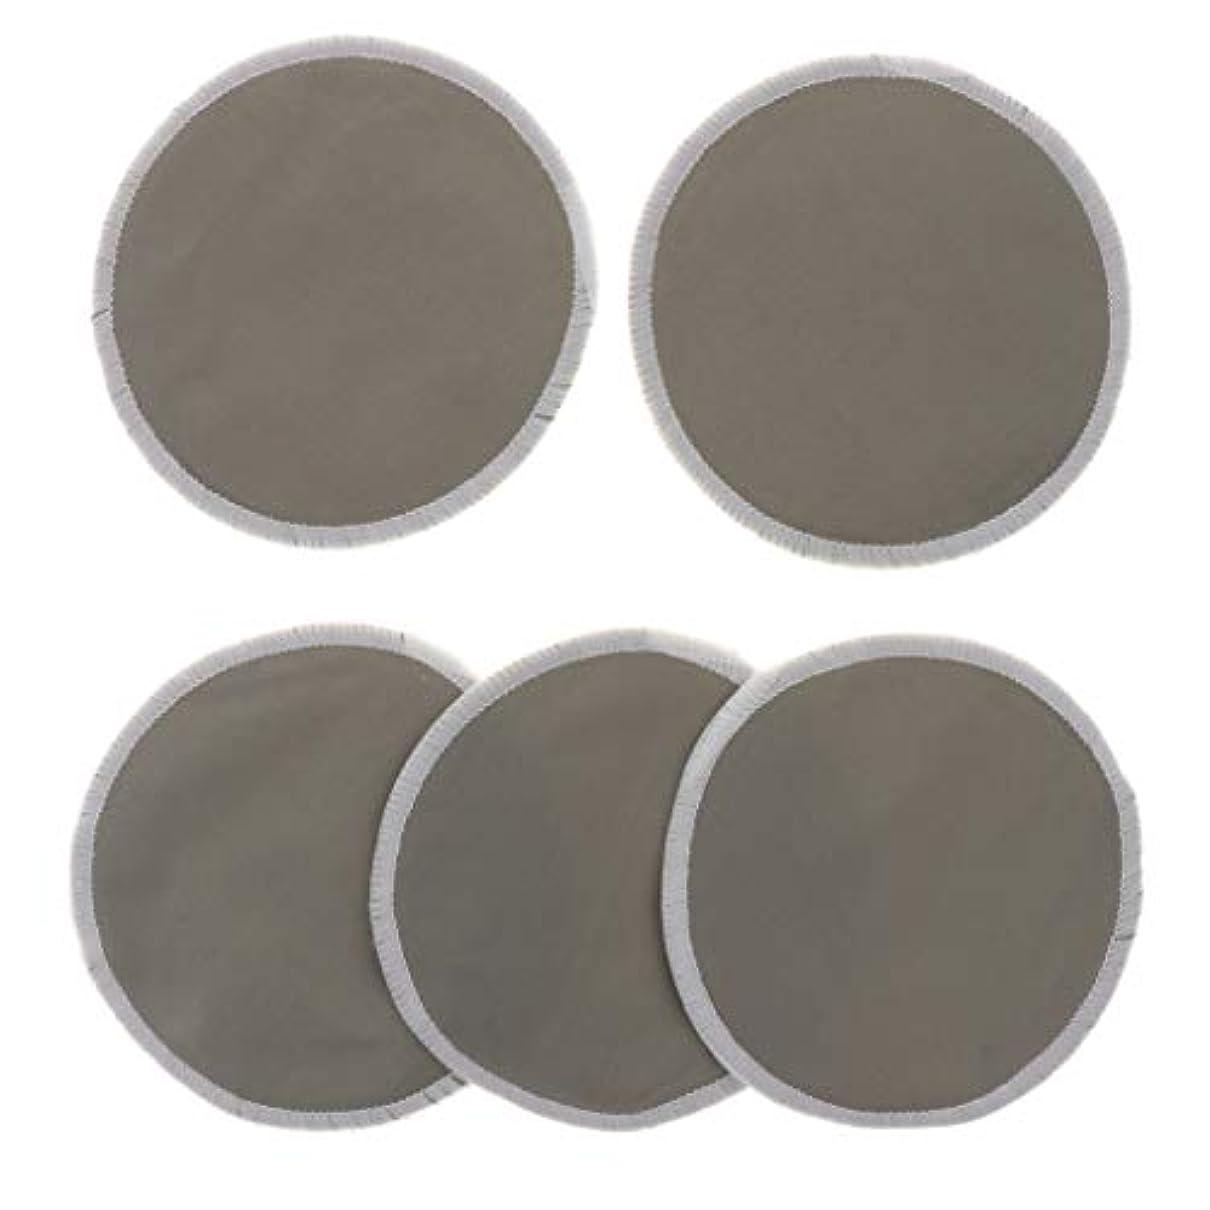 カヌーサスペンションカビCUTICATE 胸パッド クレンジングシート メイク落とし用 竹繊維 円形 12cm 吸収性 再使用可能 5個 全5色 - グレー